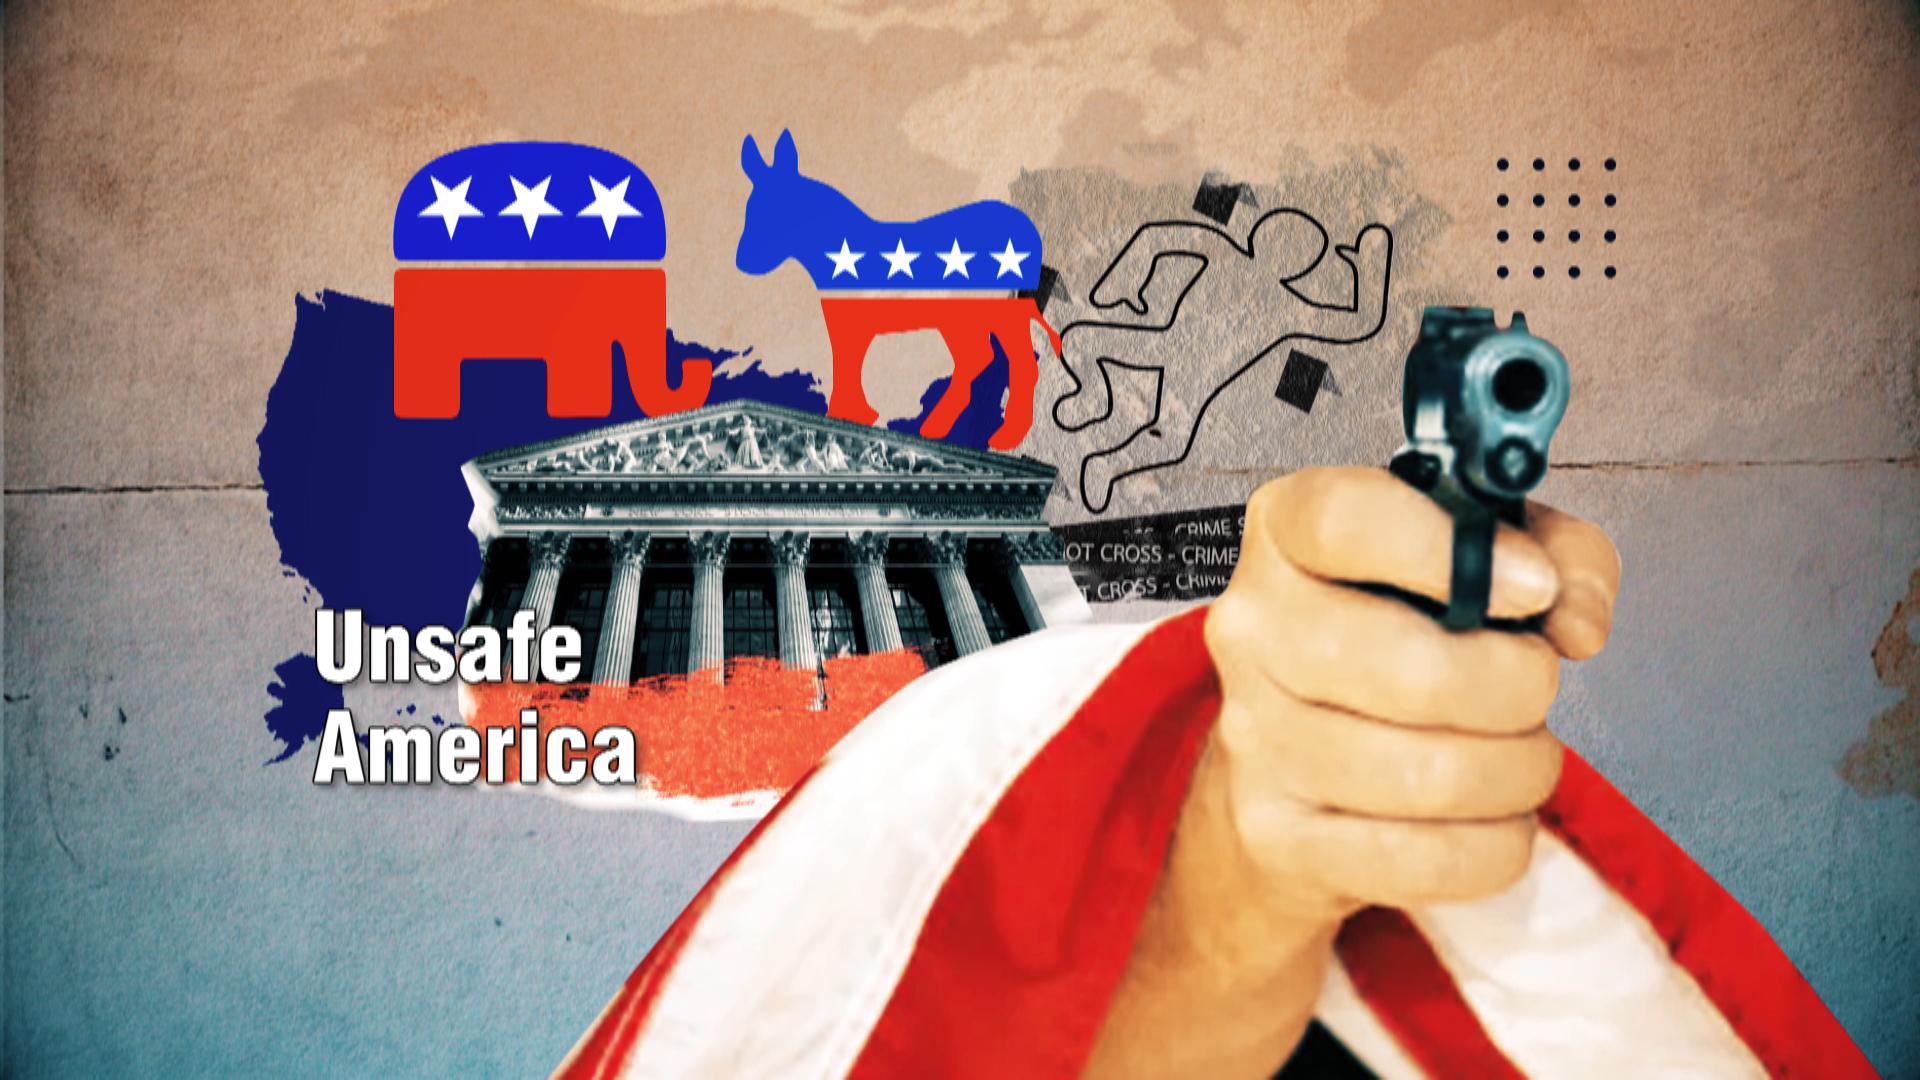 Unsafe America